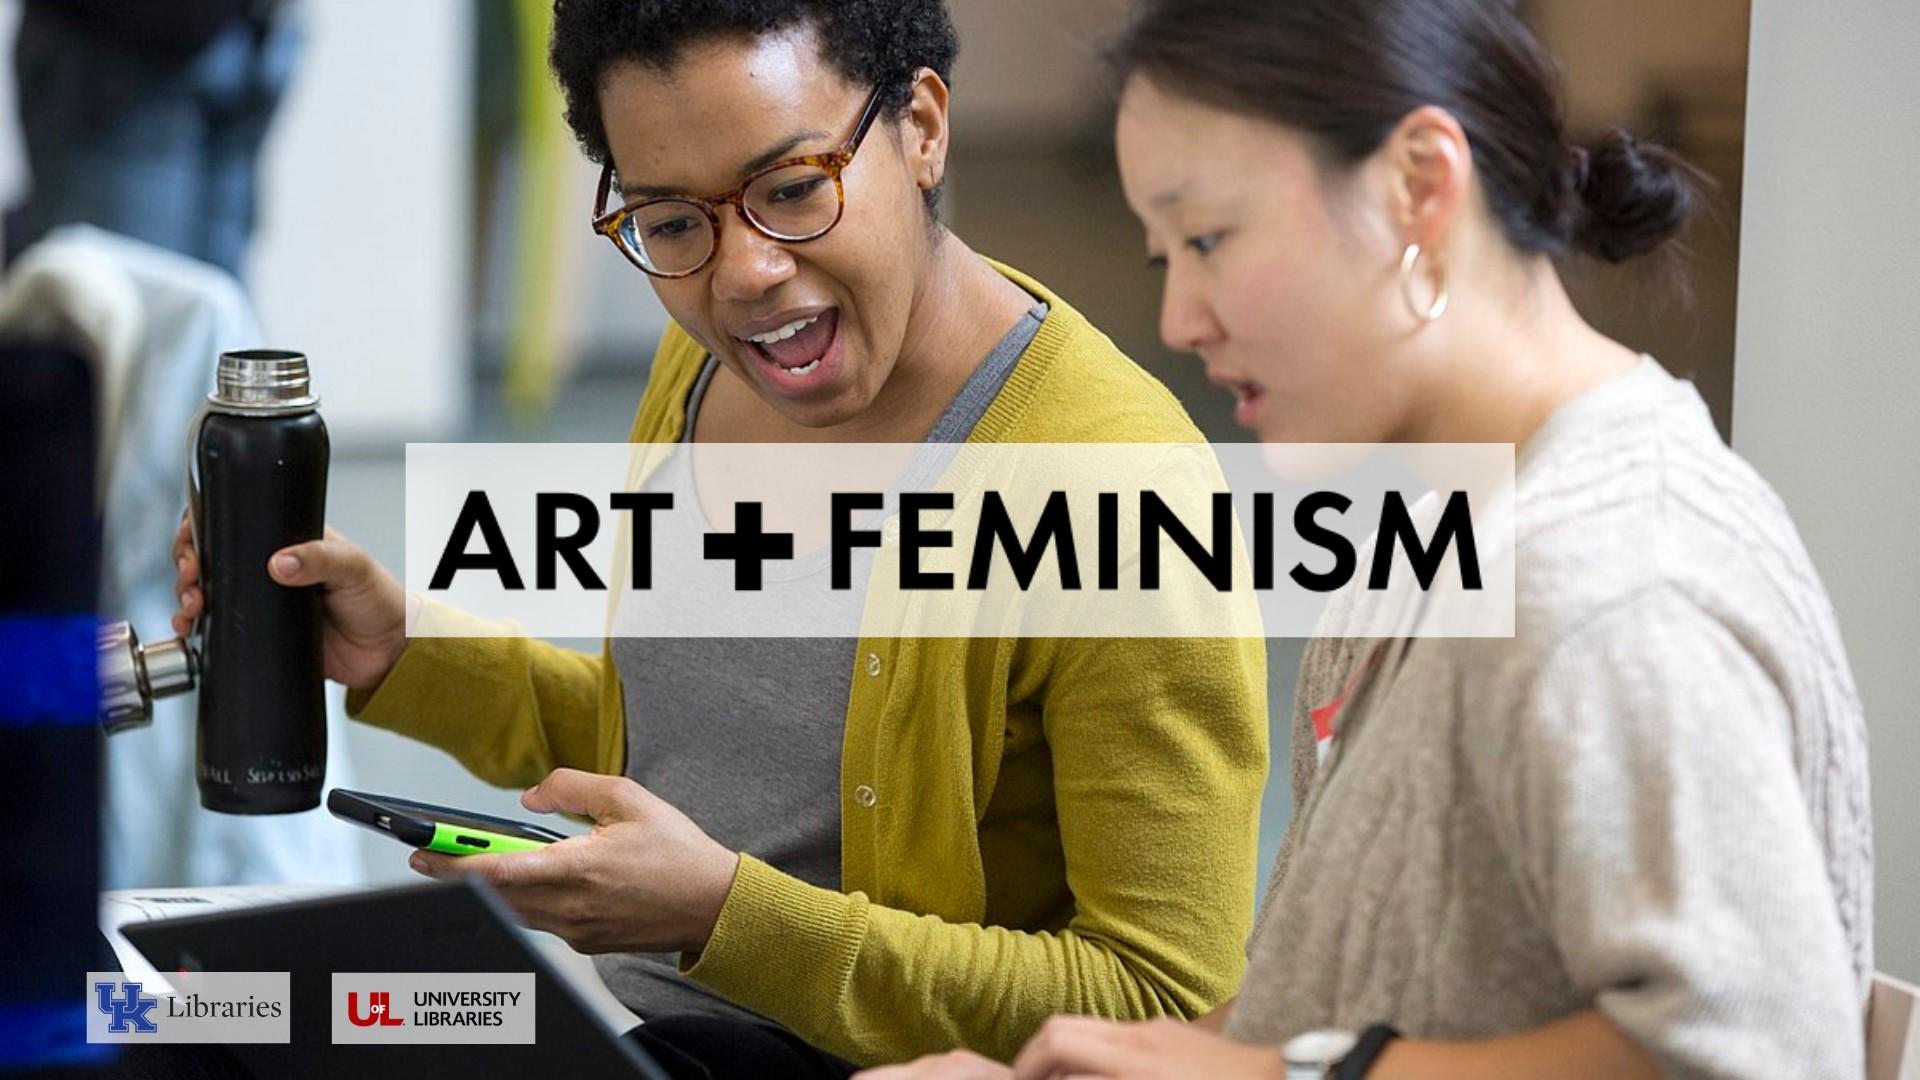 Kentucky Art Libraries Art+Feminism